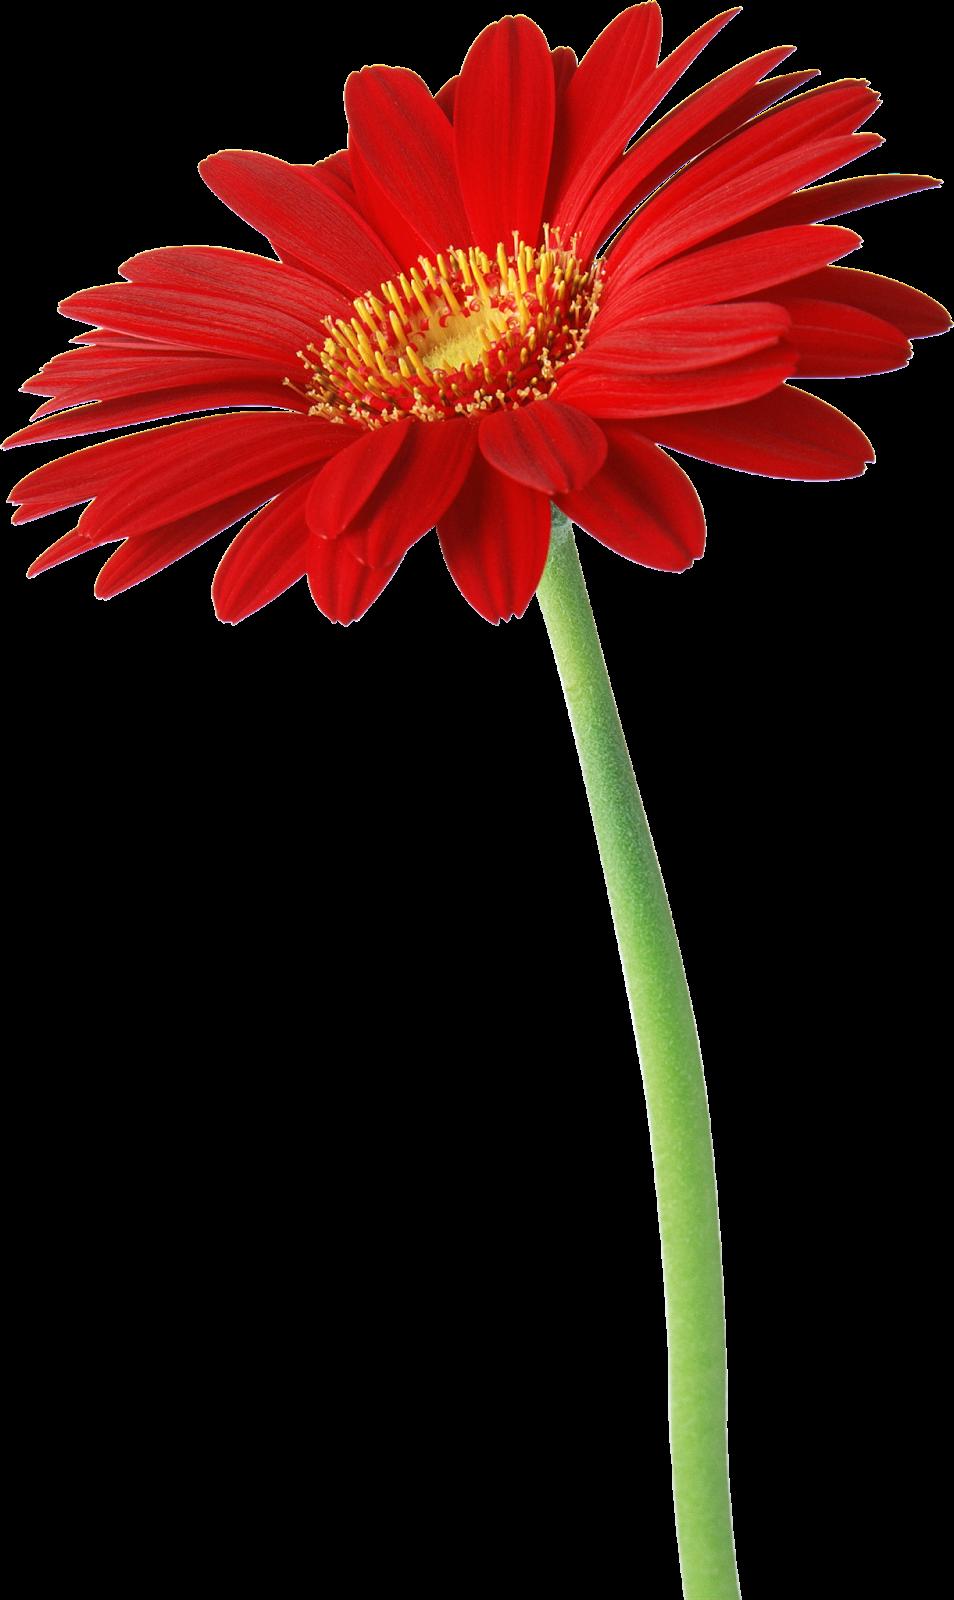 Tarım Siteniz Gerbera 199 I 231 Eği Gerbera Flower